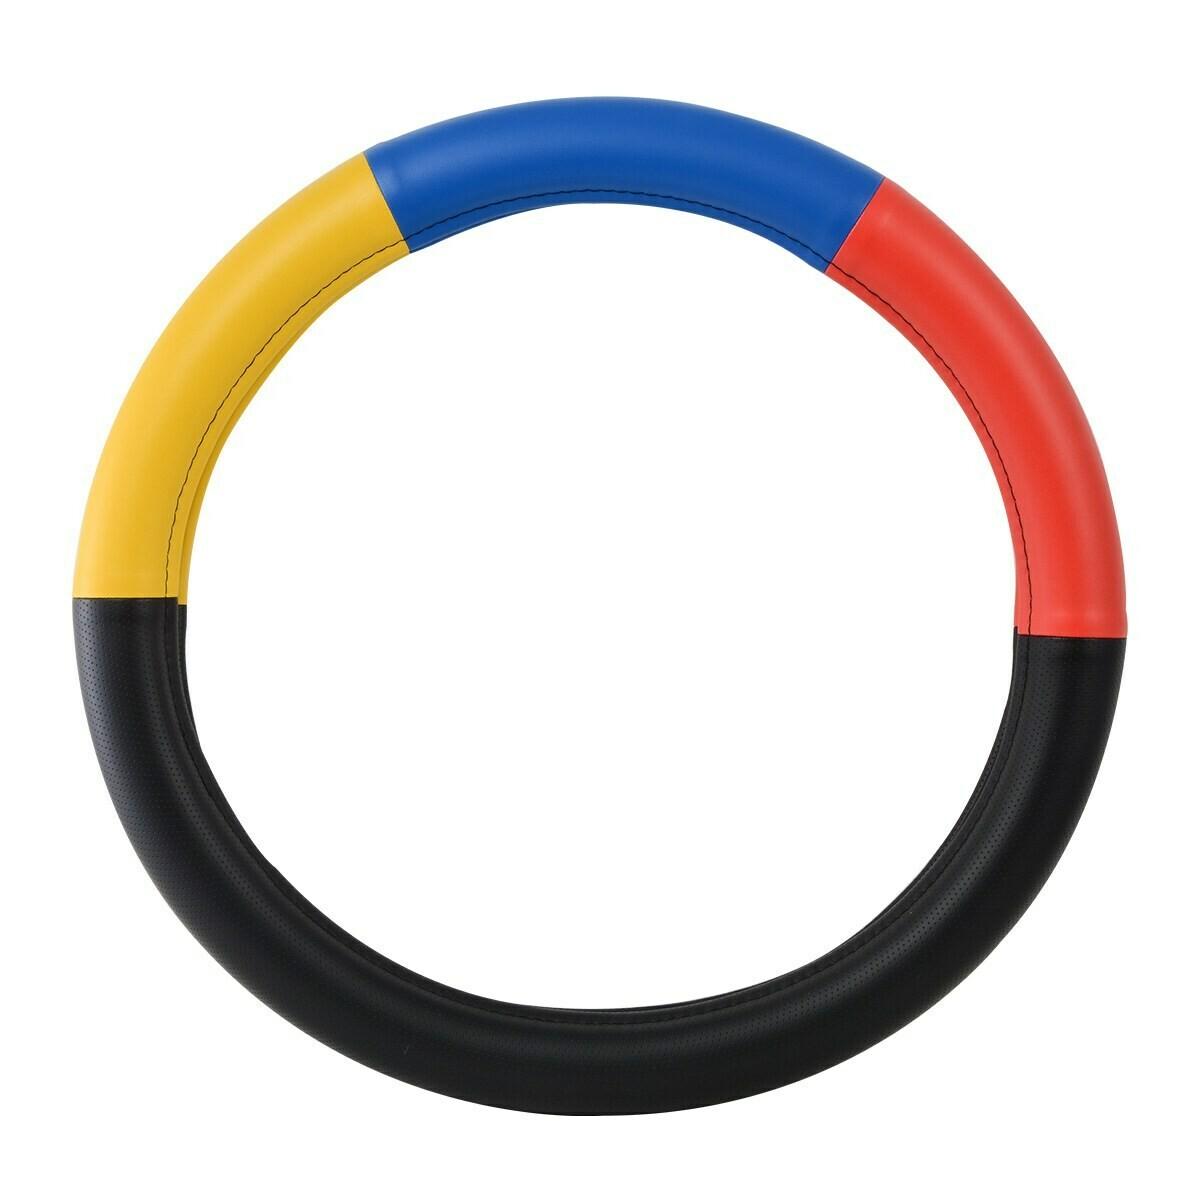 Heavy Duty 18″ Steering Wheel Covers in Deluxe Colorway Series